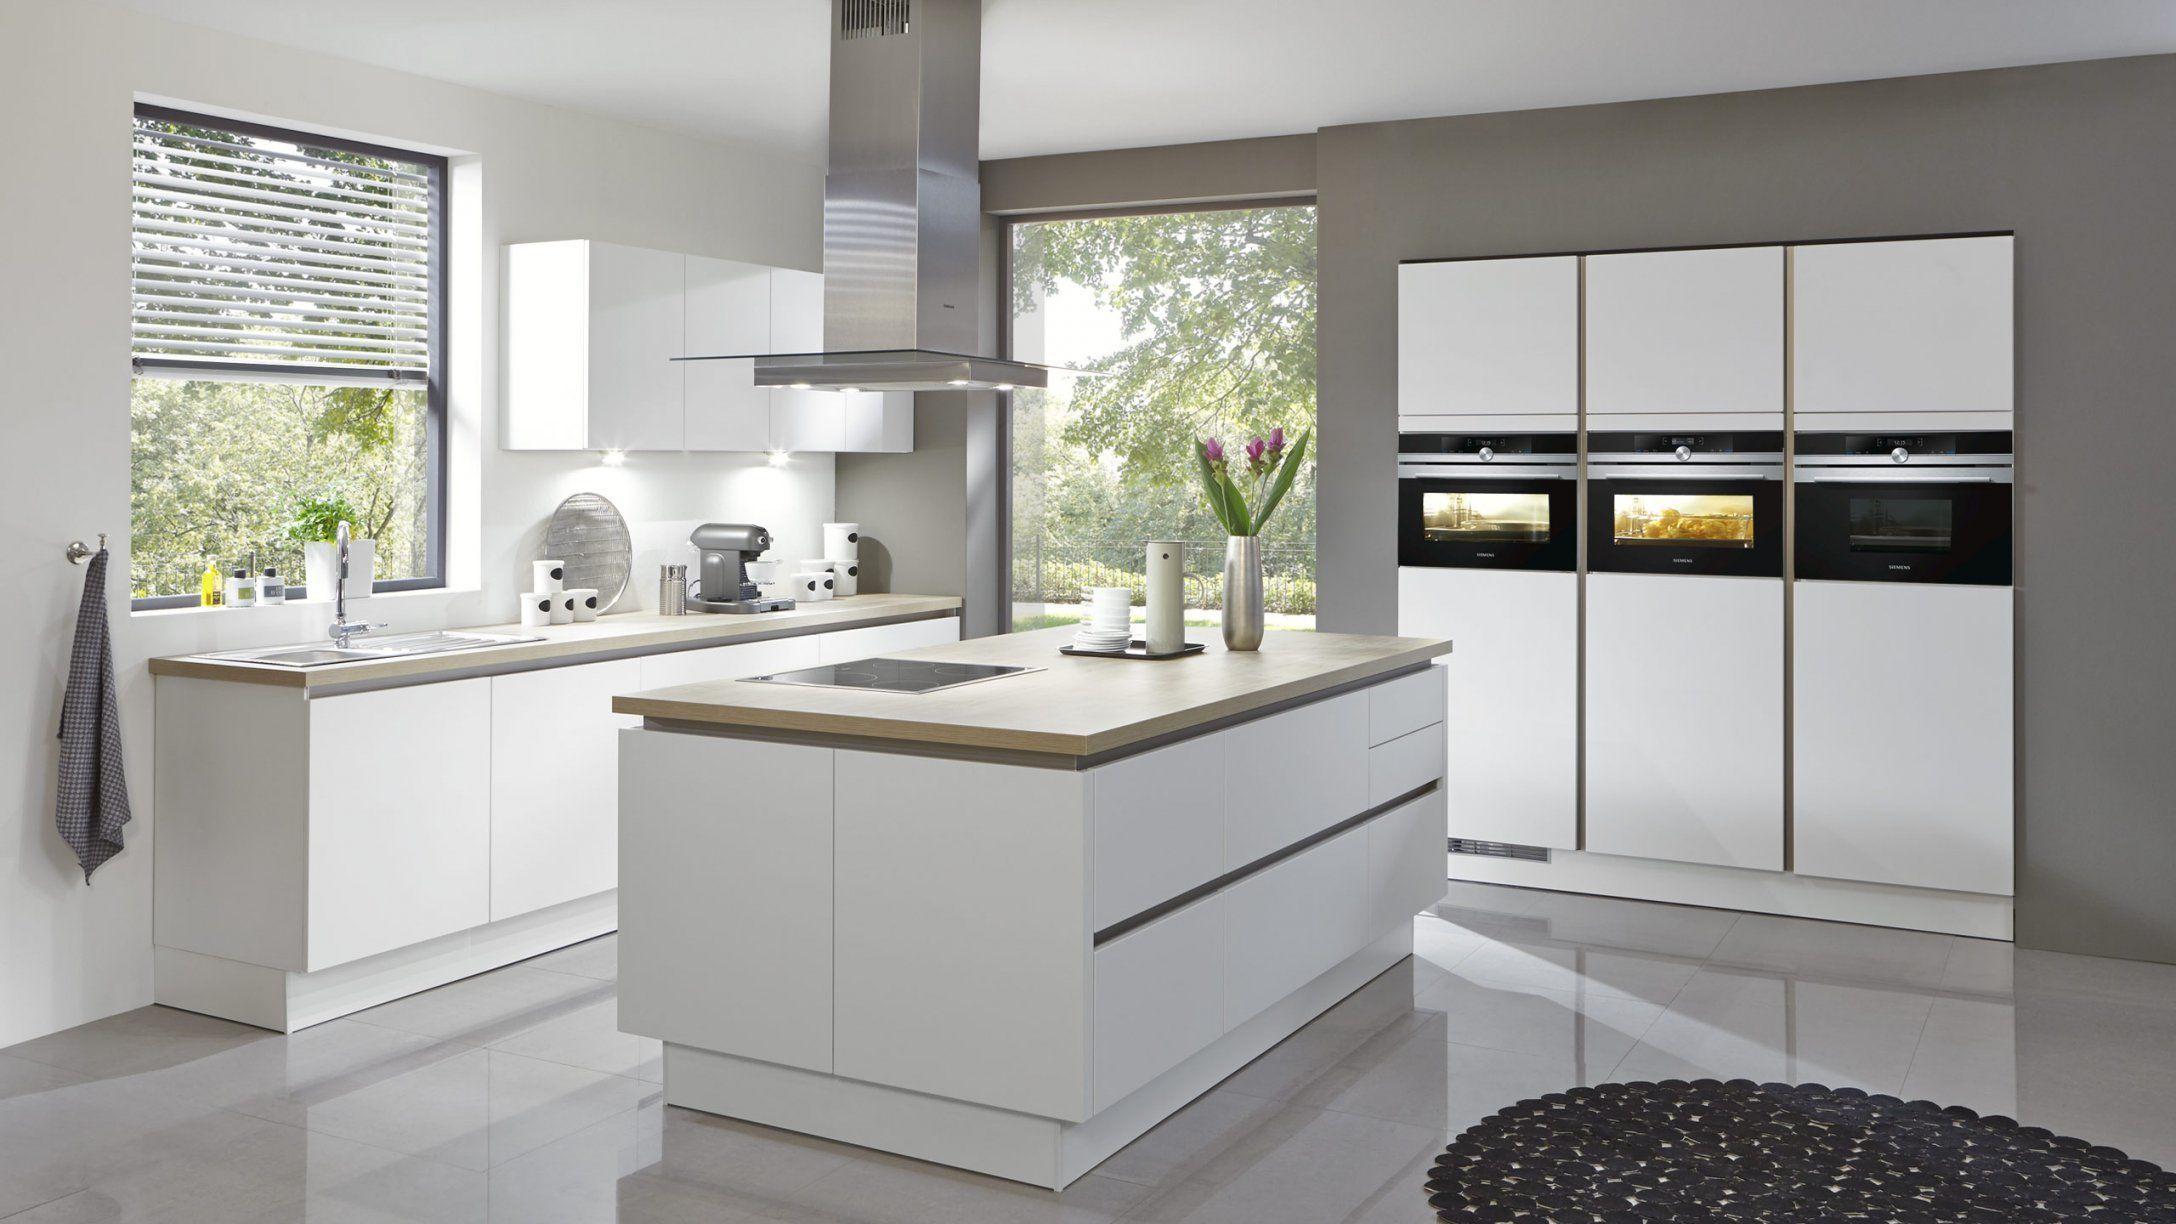 Küche Weiß Hochglanz Ohne Griffe Ikea von Ikea Küche Ohne Griffe